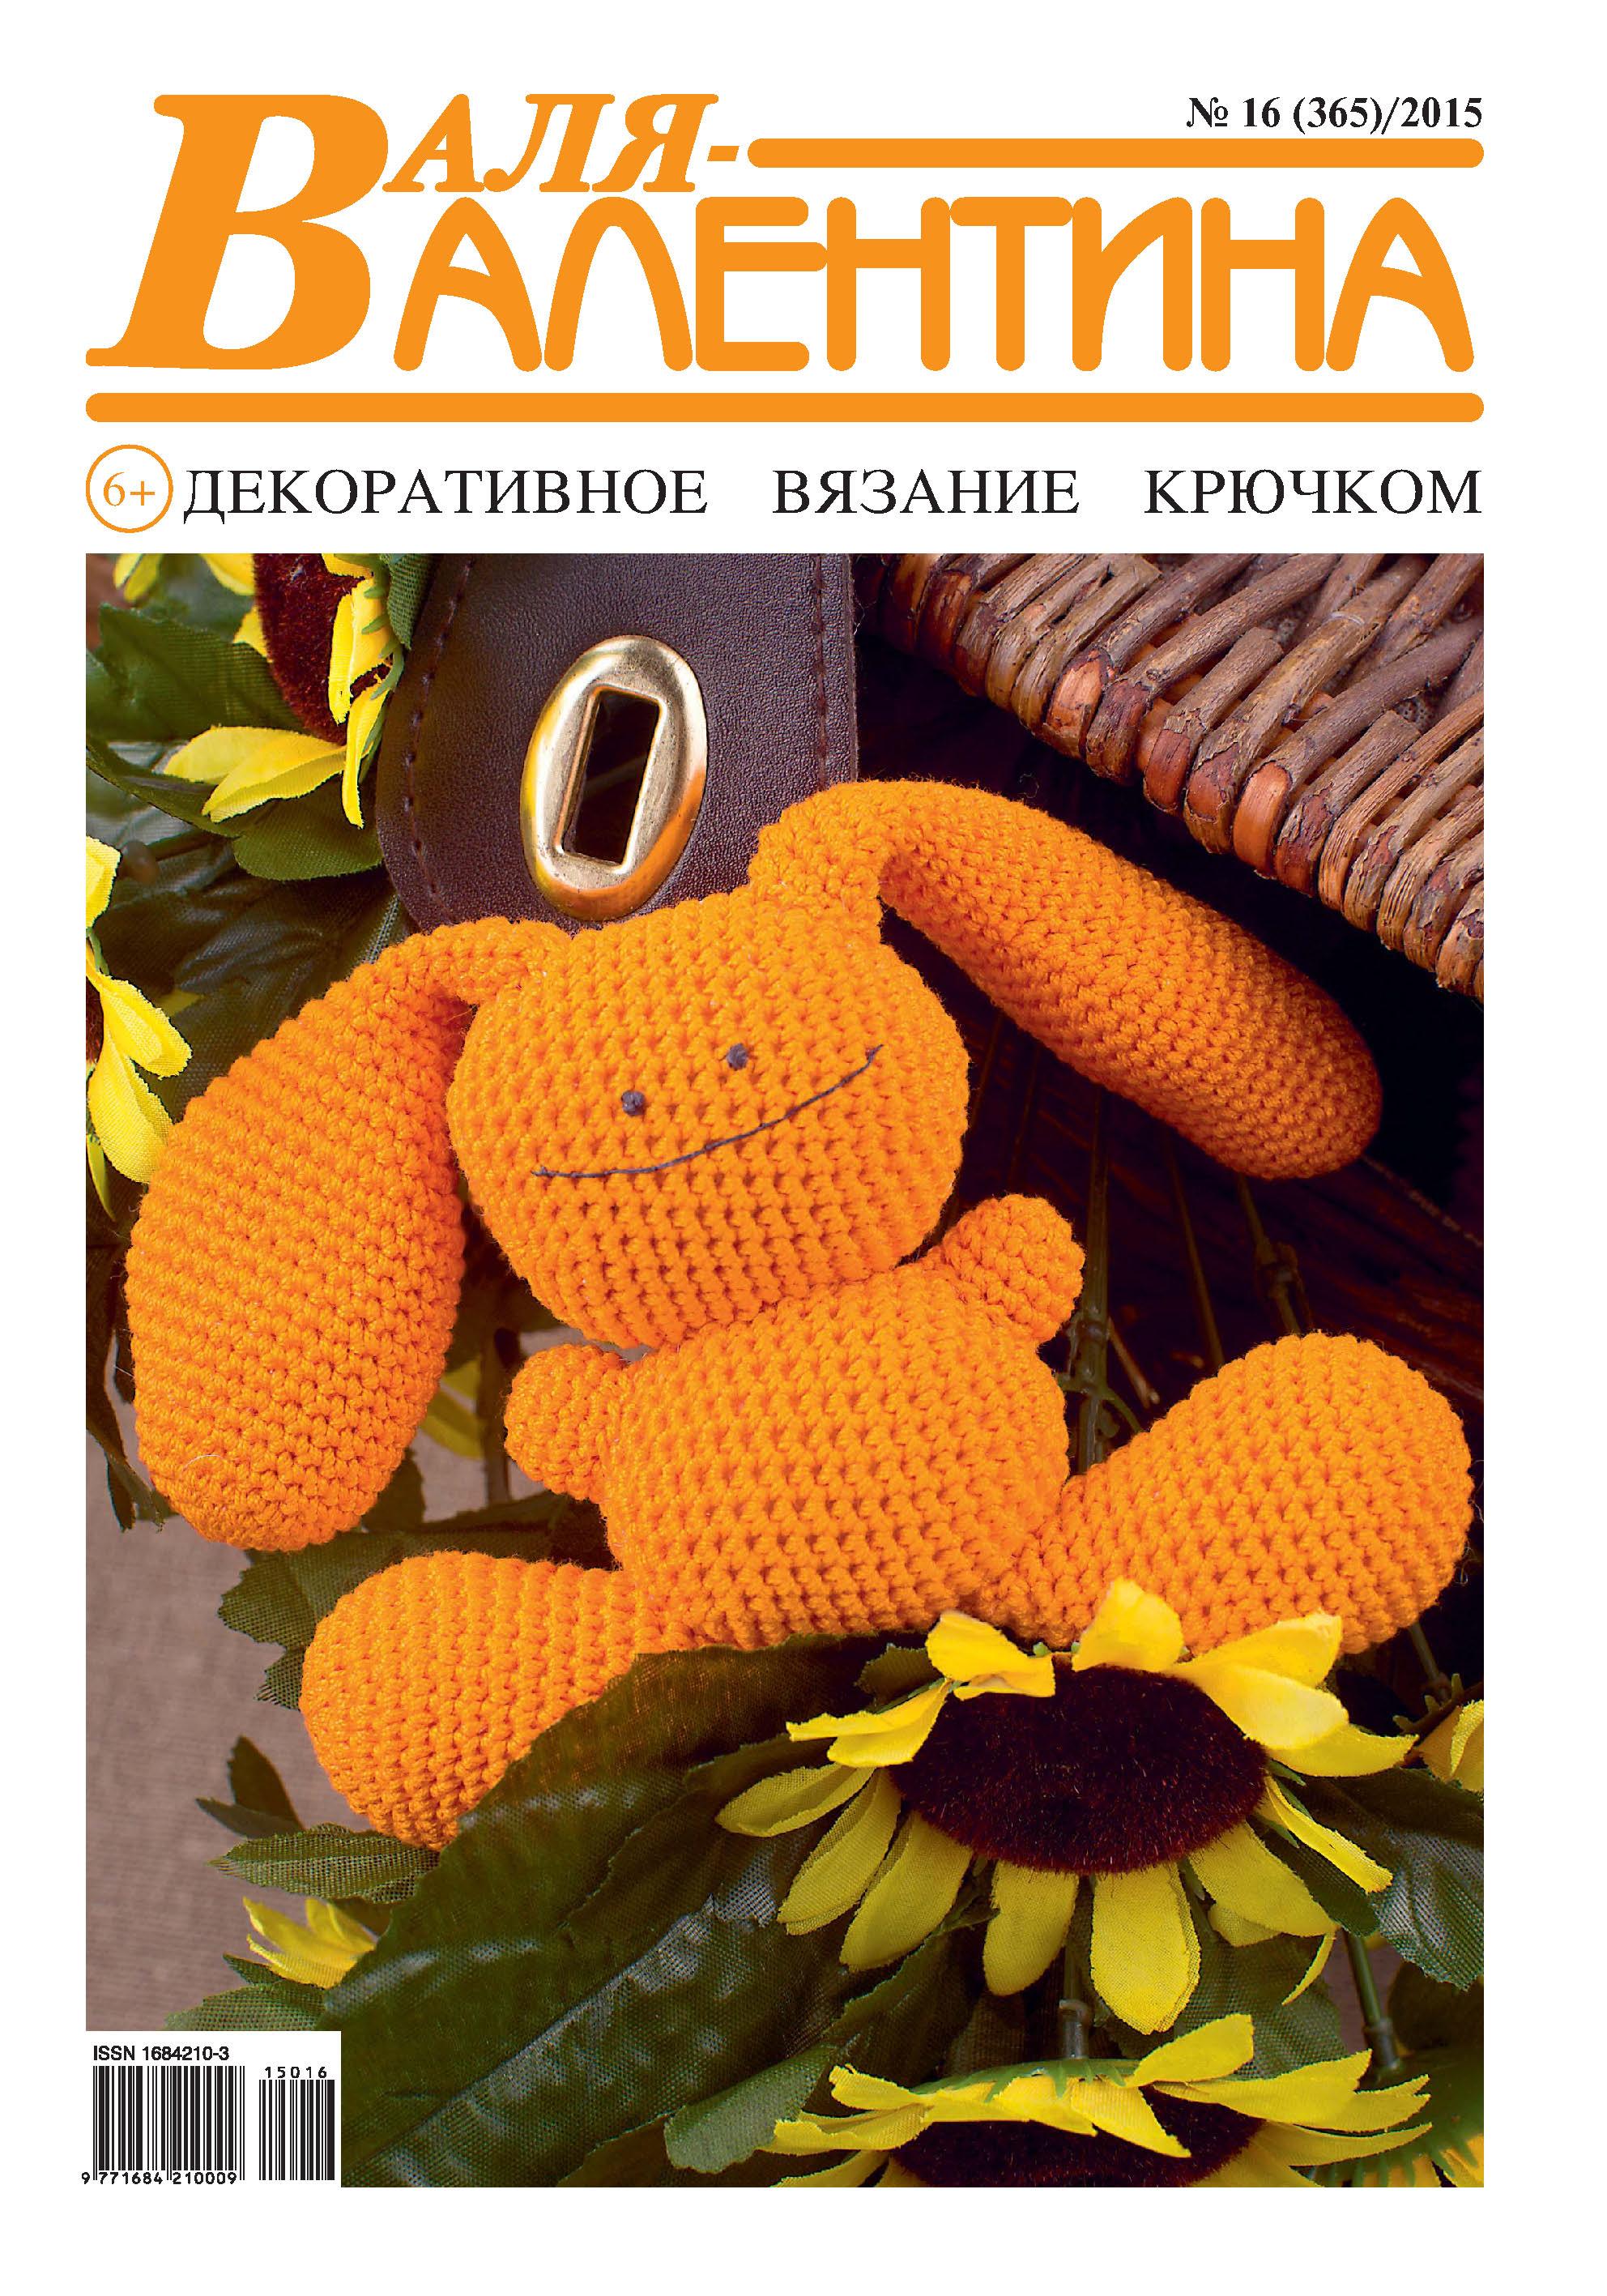 Валя-Валентина. Декоративное вязание крючком. №16/2015_Отсутствует